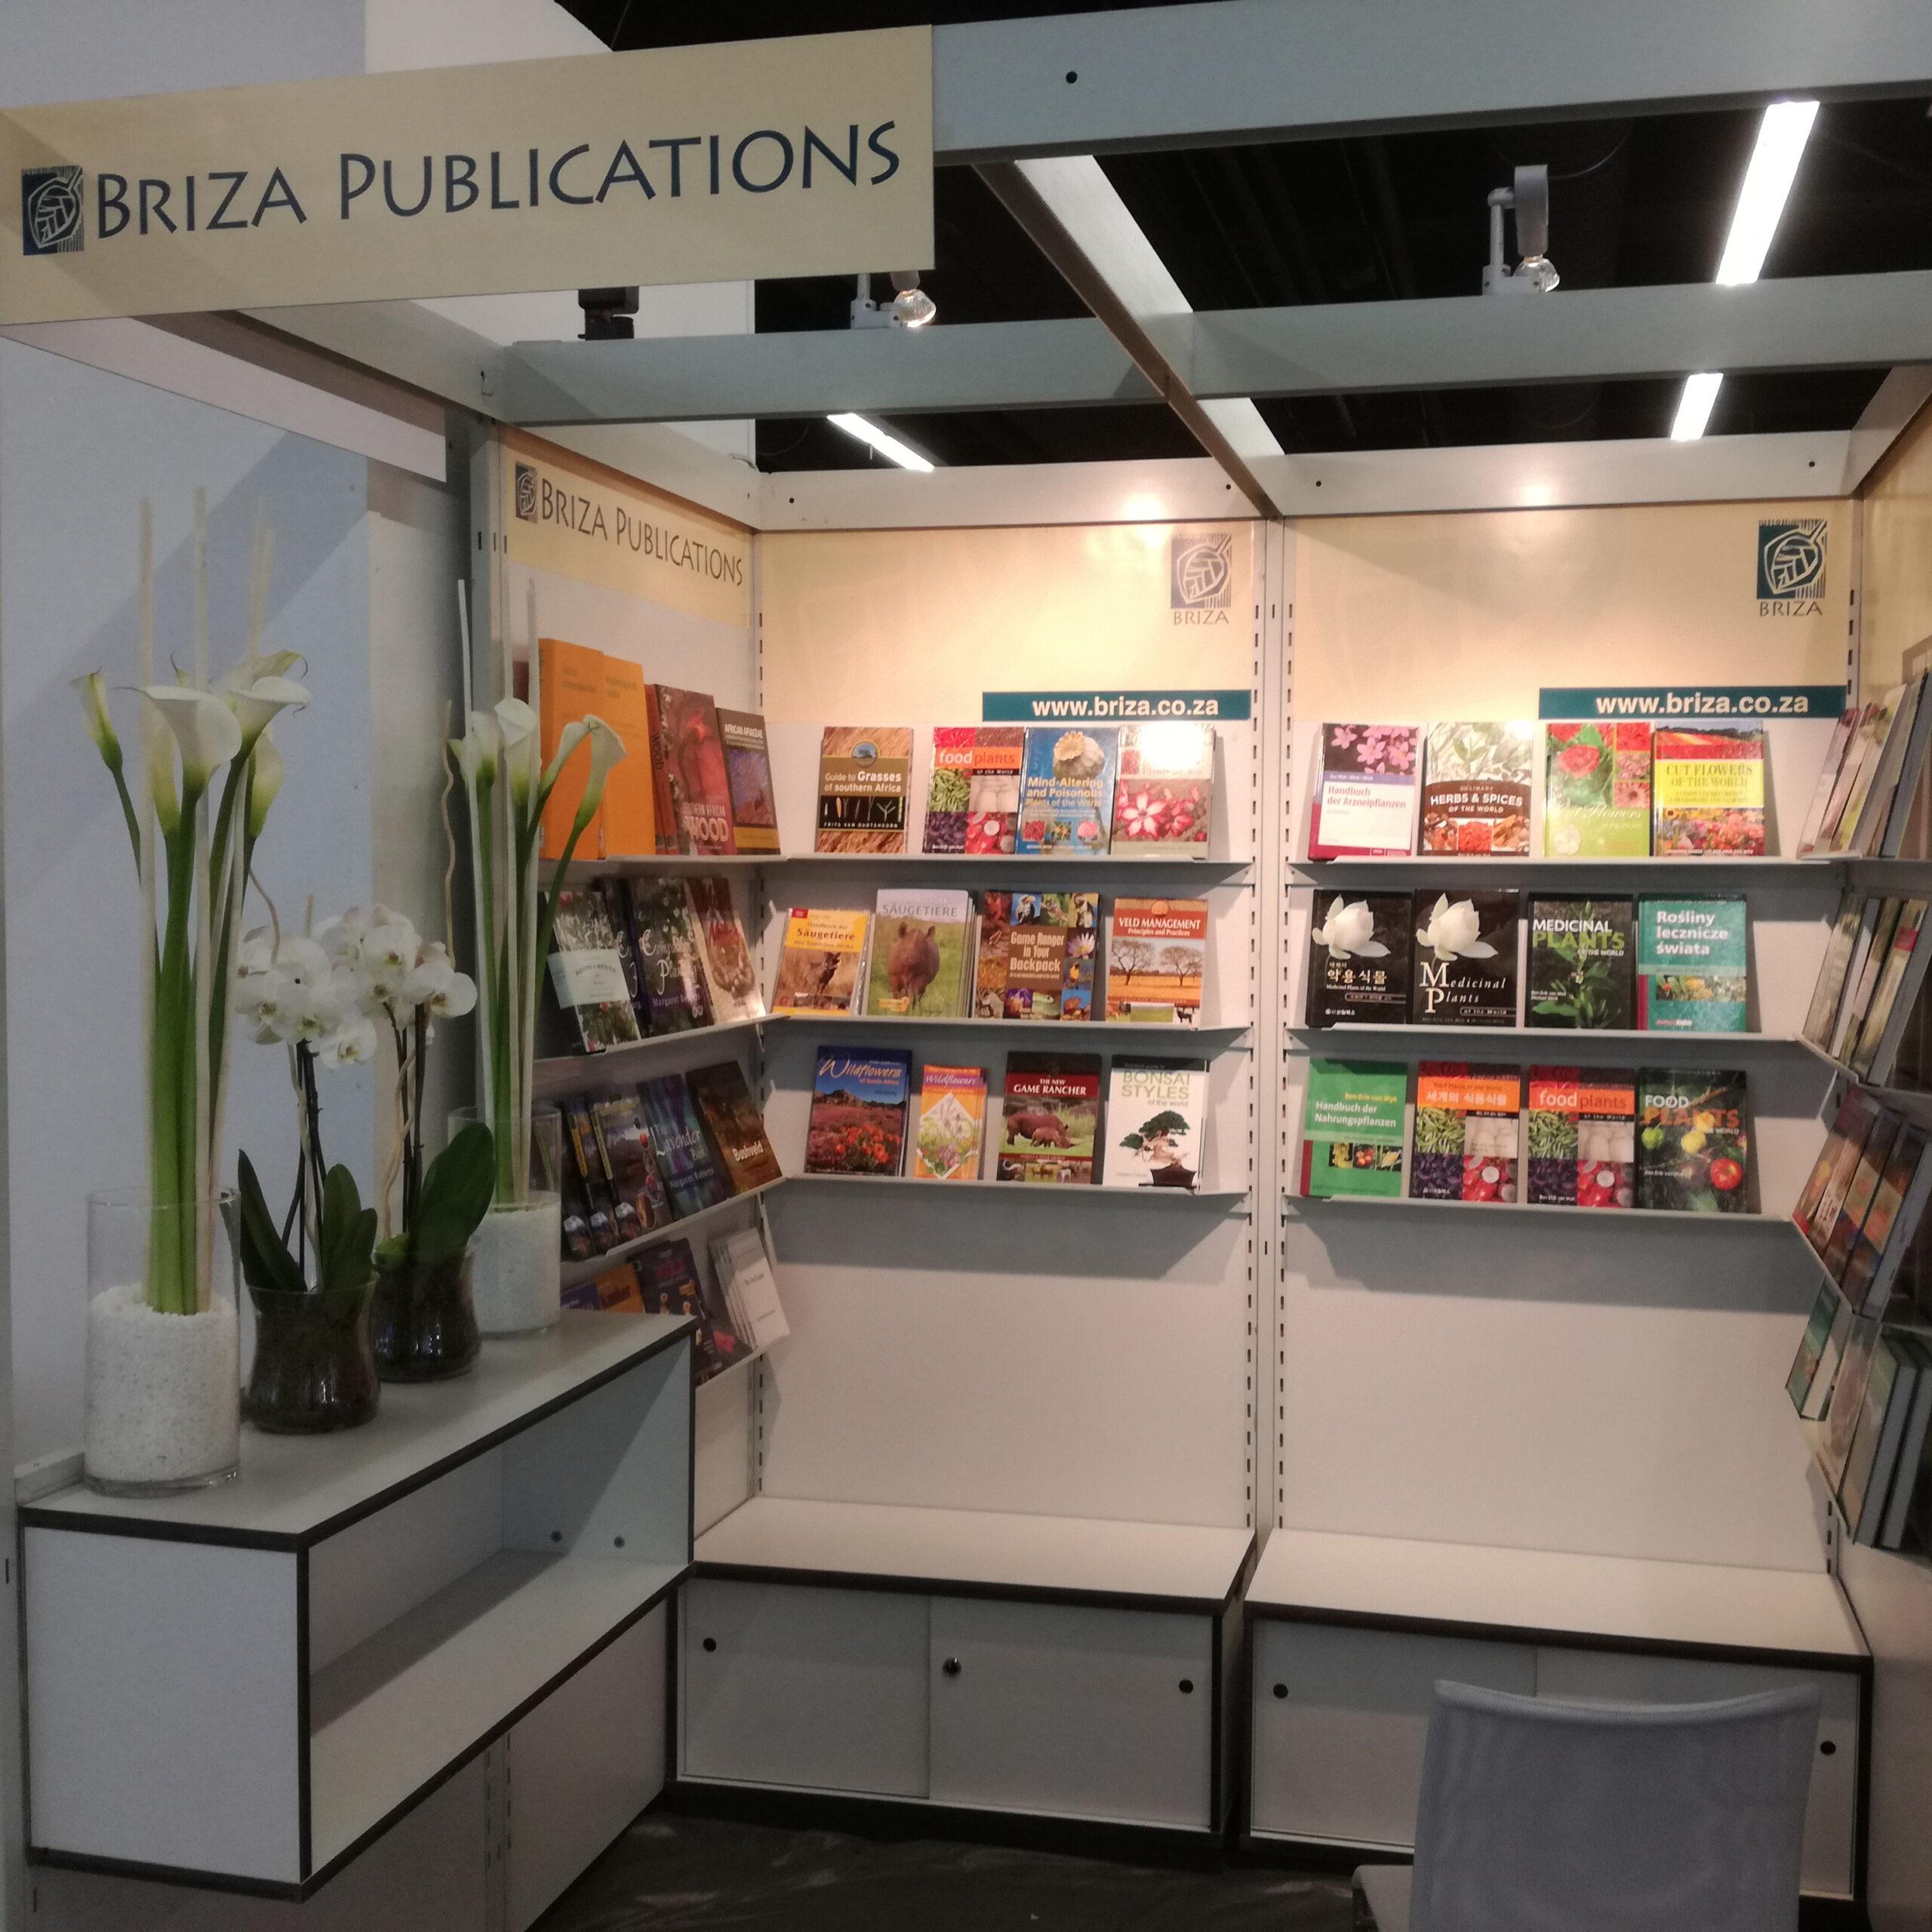 Briza Publications at Frankfurt Book Fair 2018